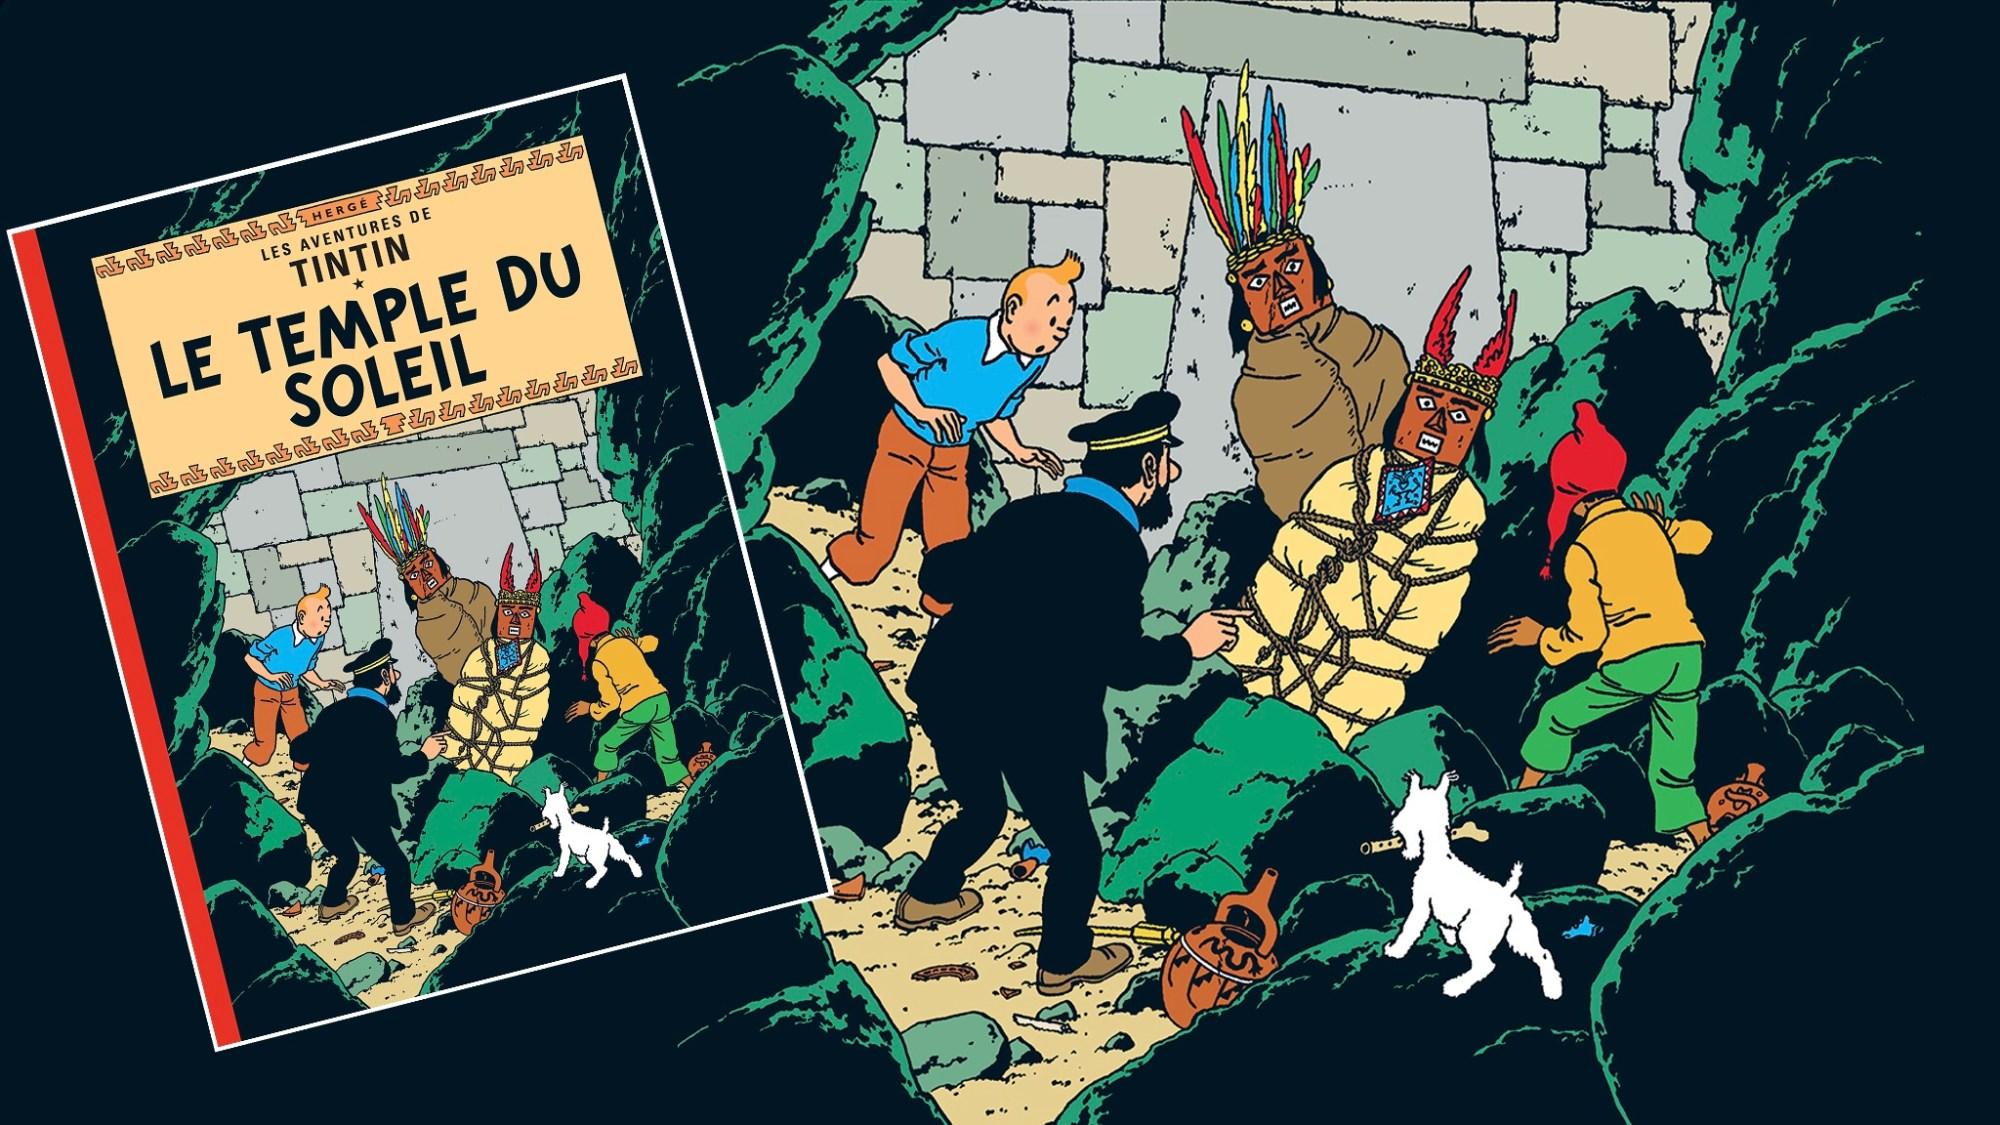 Solens tempel, med Tintin